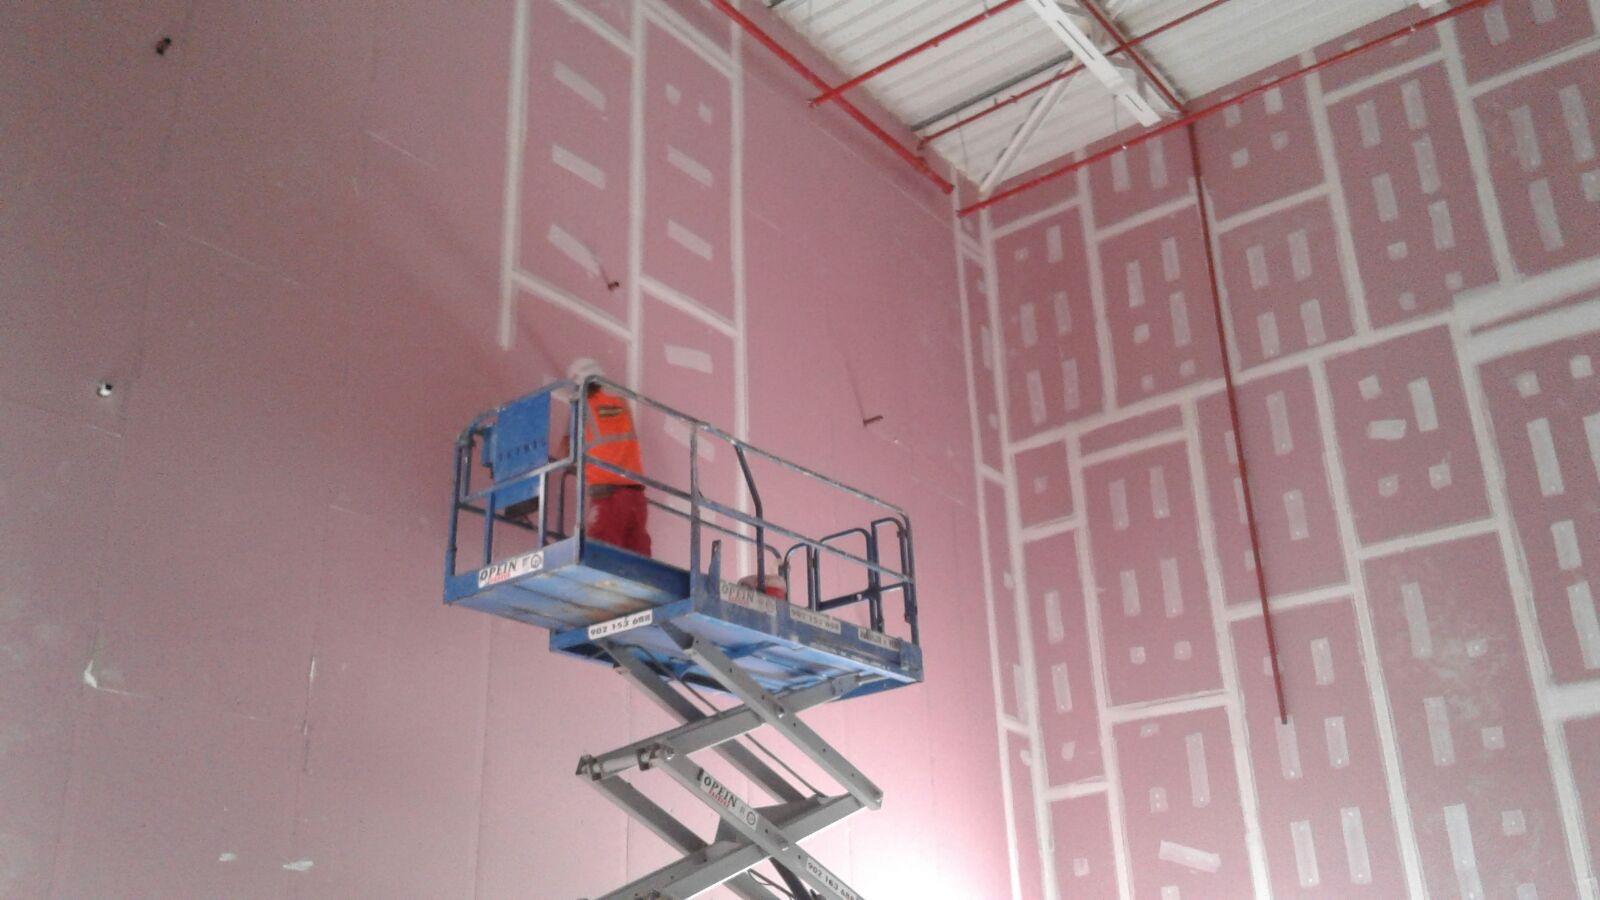 Opincan - Salas de cine Yelmo en el Centro Comercial Alisios - Obras 21